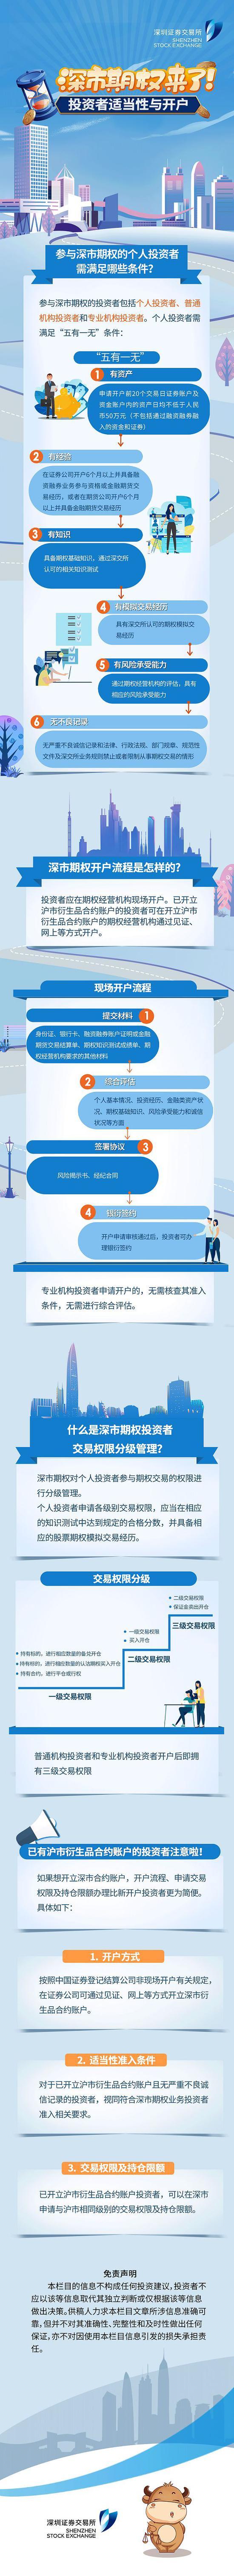 上海银行捐款2000万元支持湖北武汉抗击疫情